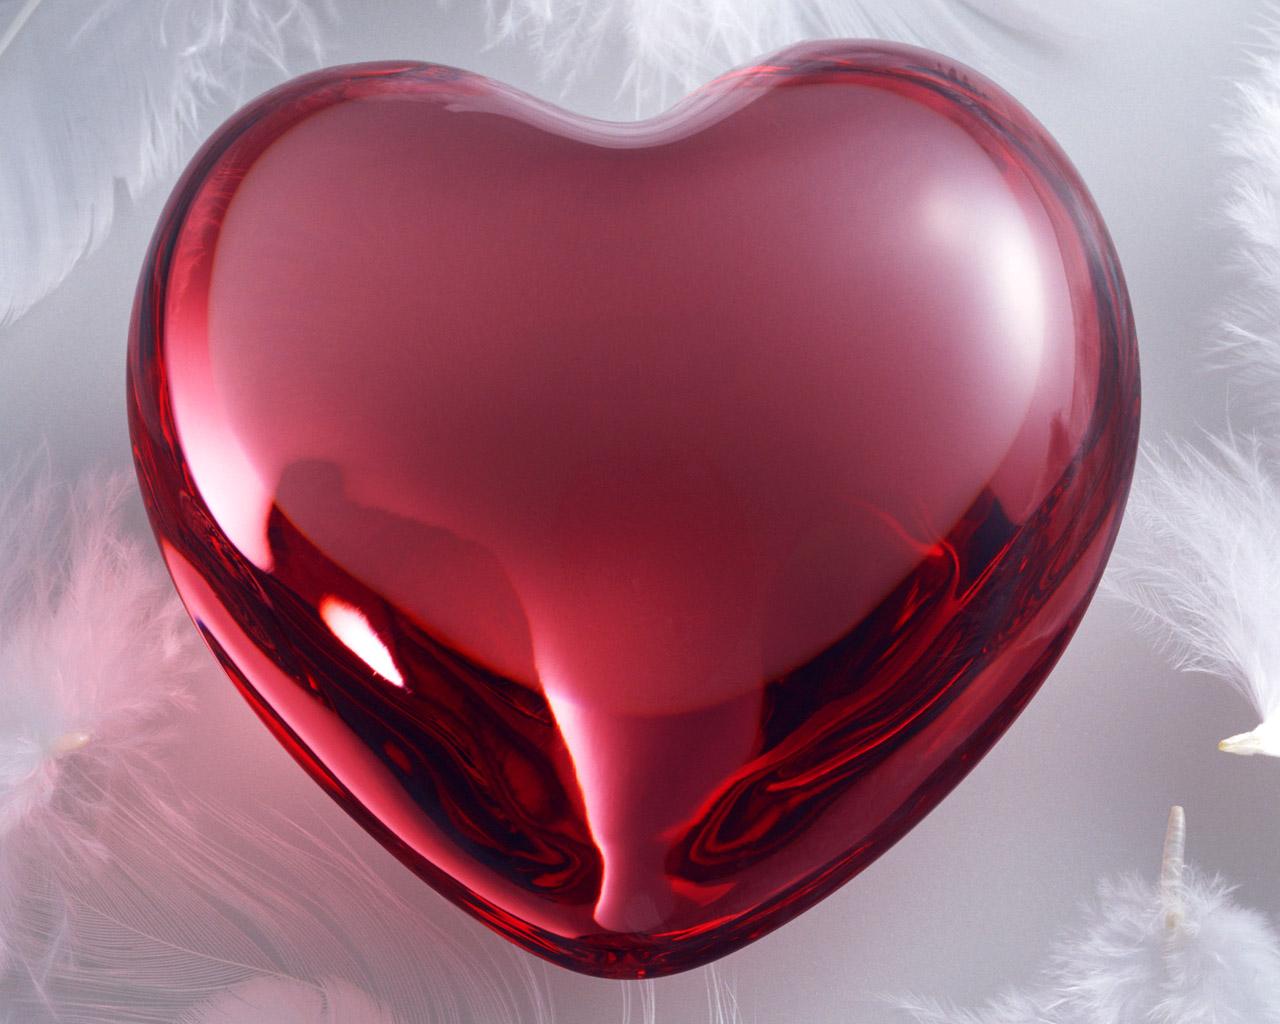 hati untuk cinta cara mencintai dari hati yang tulus cinta apalah arti ...